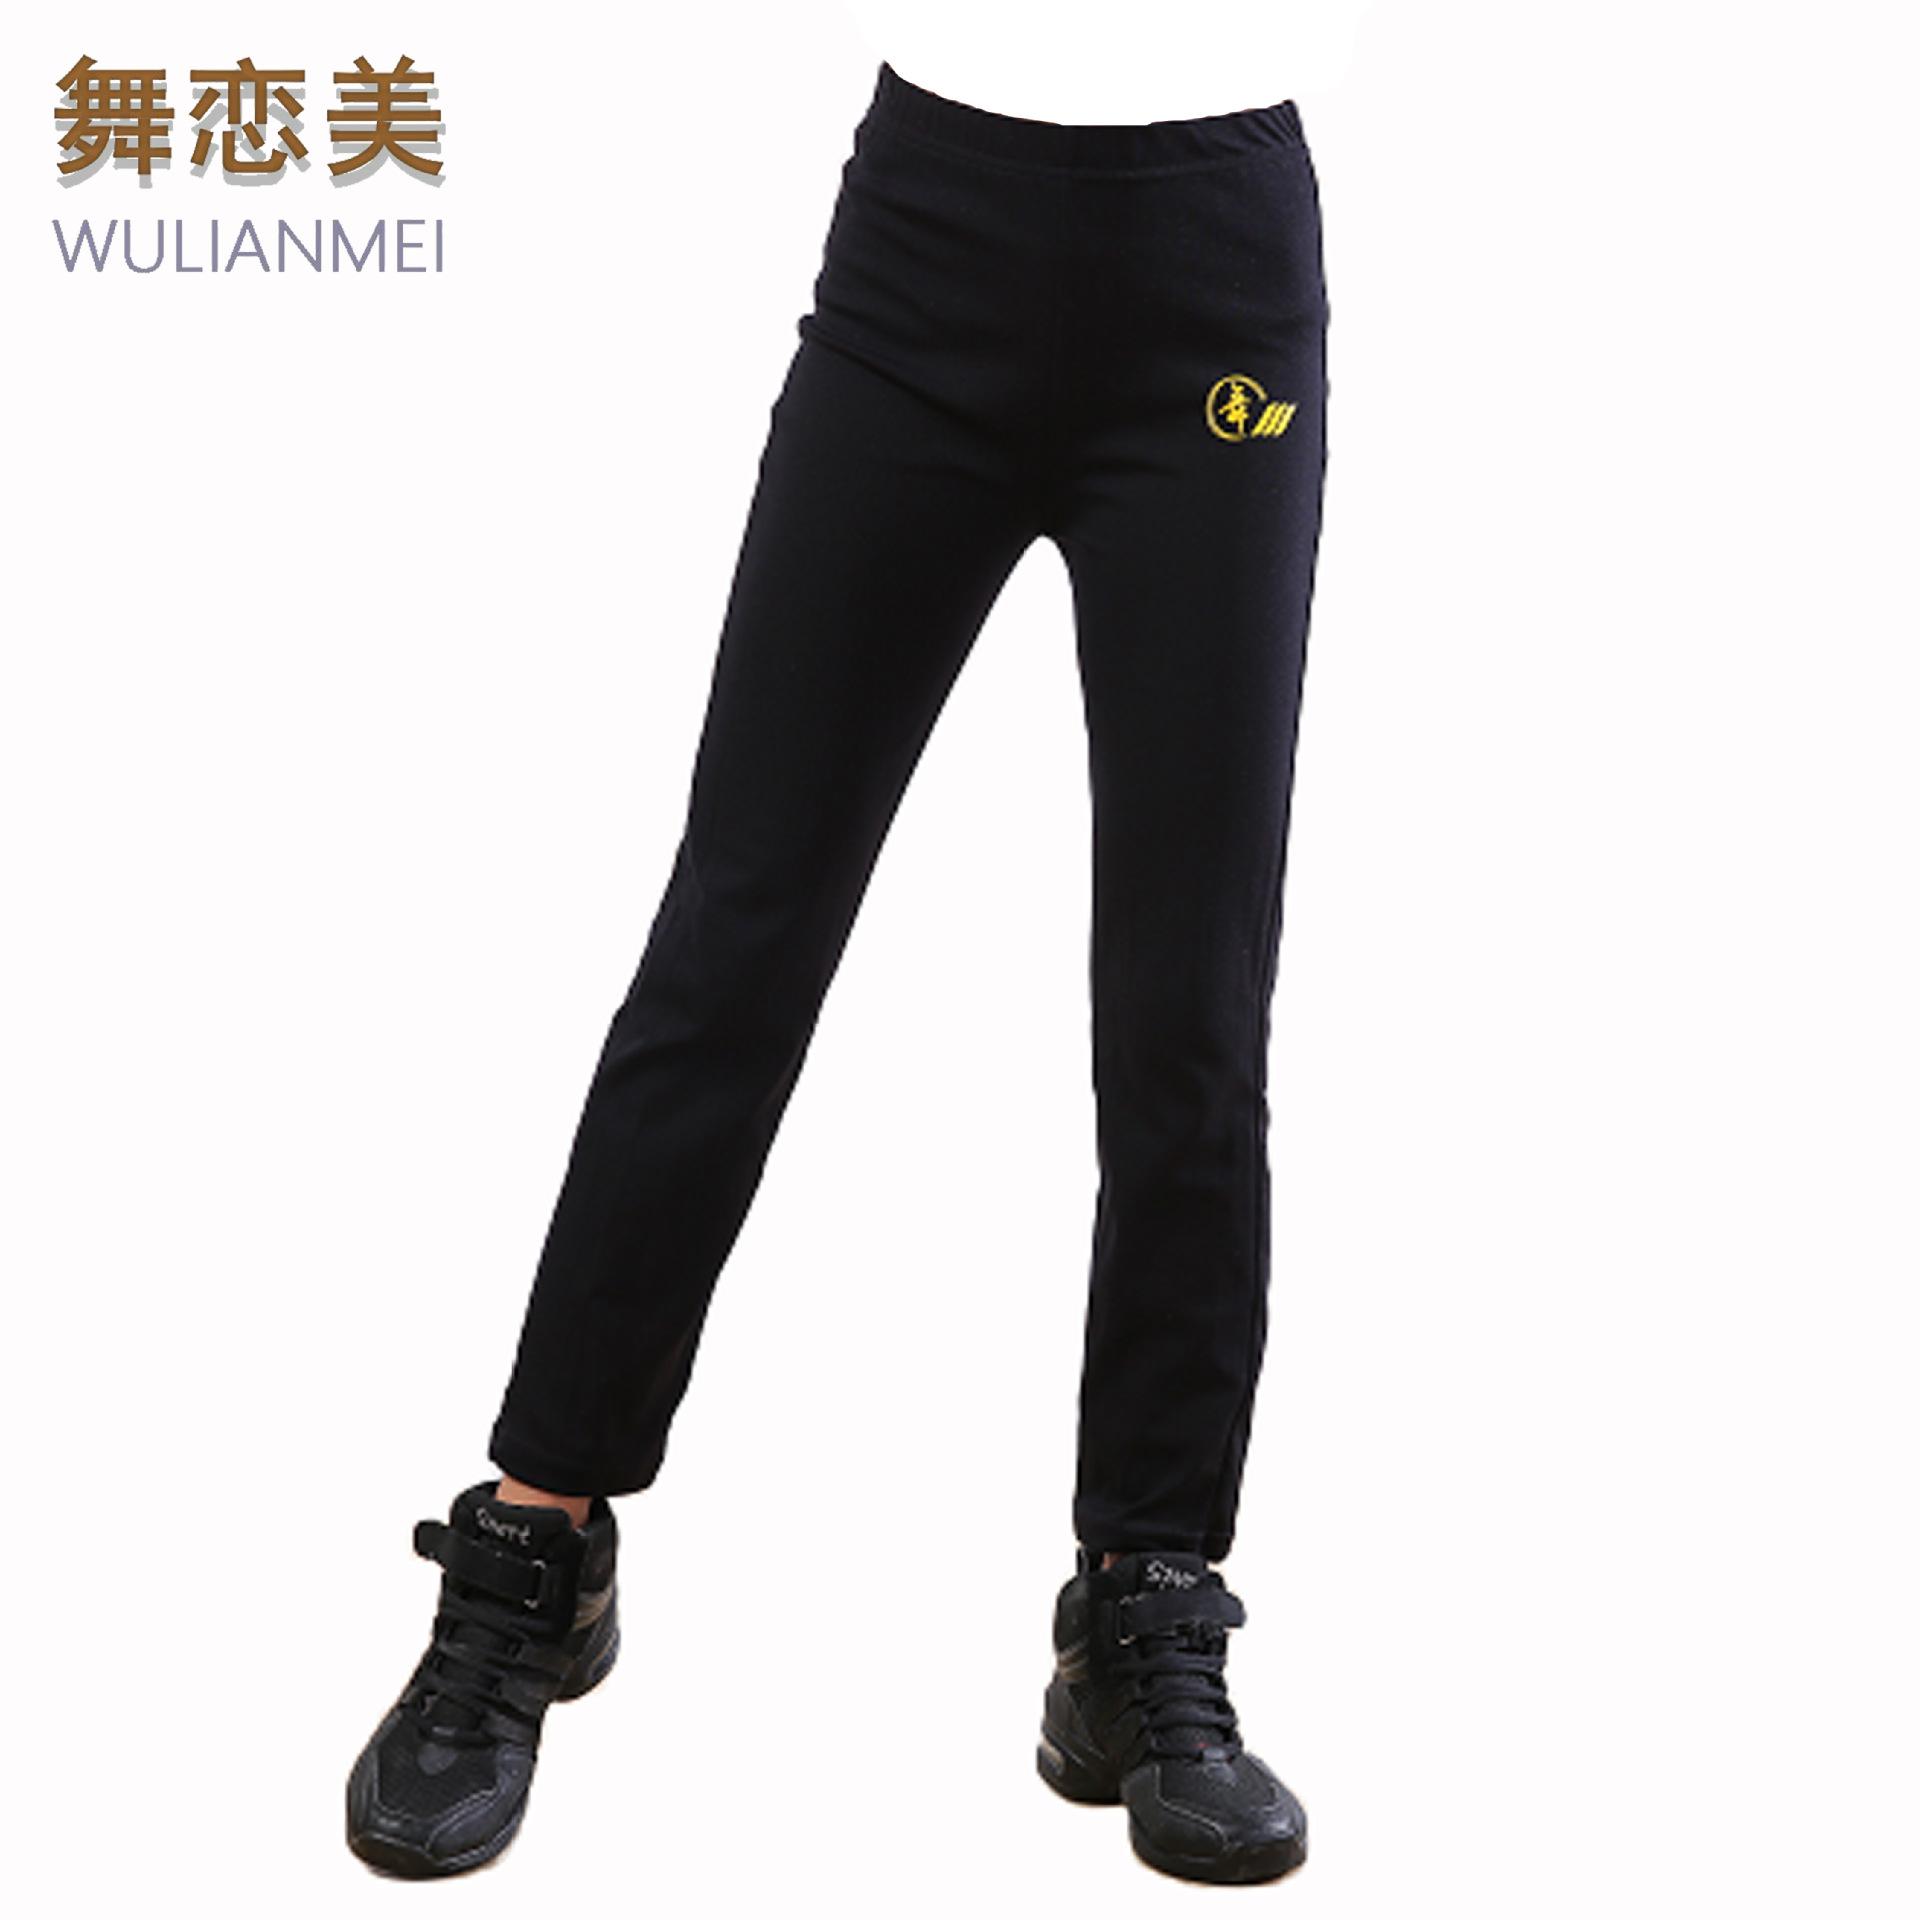 厂家直销热销直筒裤学生舞蹈练功裤舞蹈长裤尼纶舞字裤平面筒裤